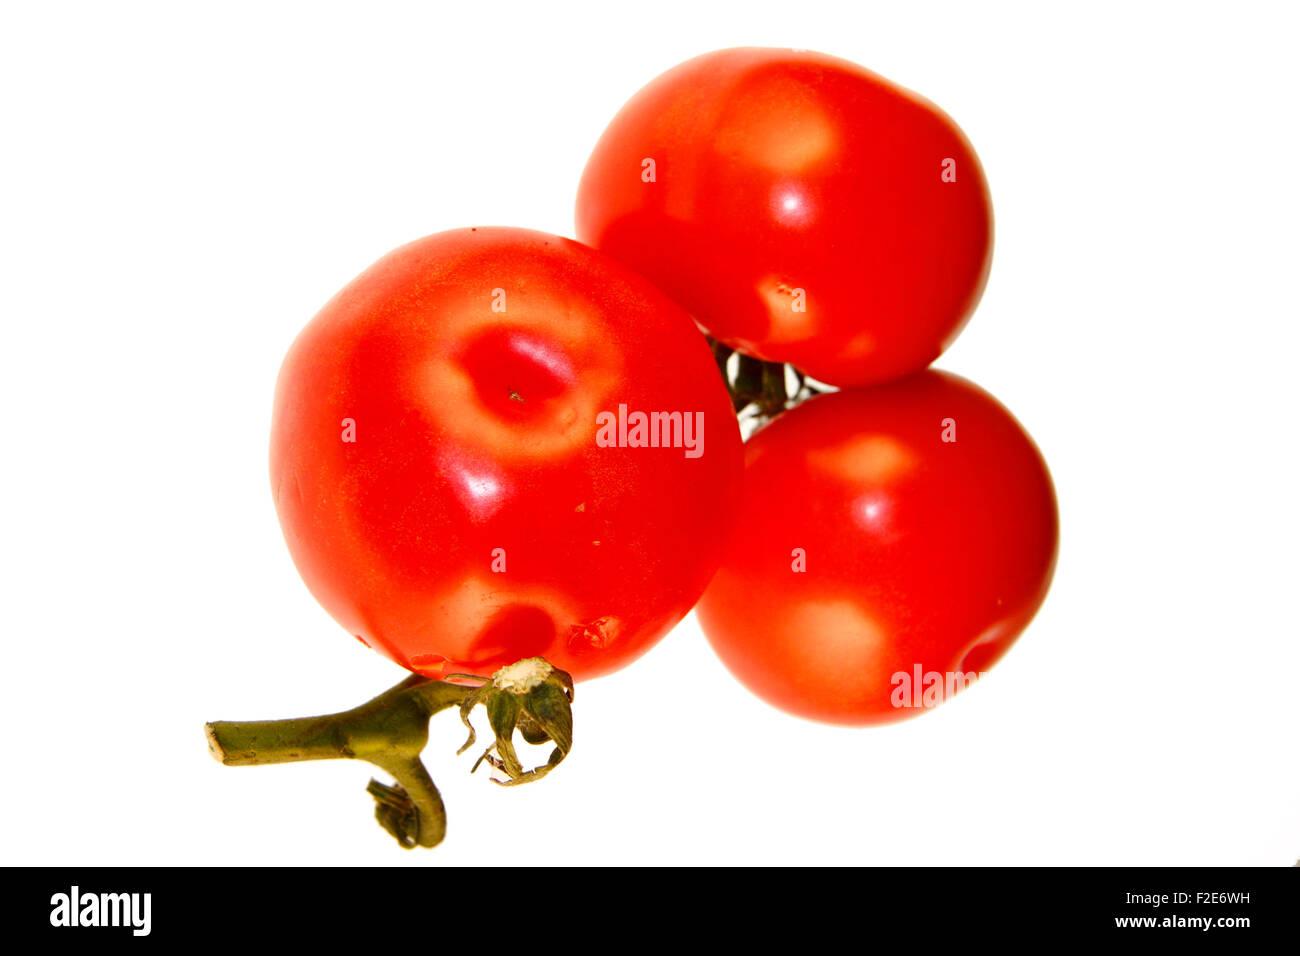 Tomaten - Symbolbild Nahrungsmittel. Stock Photo